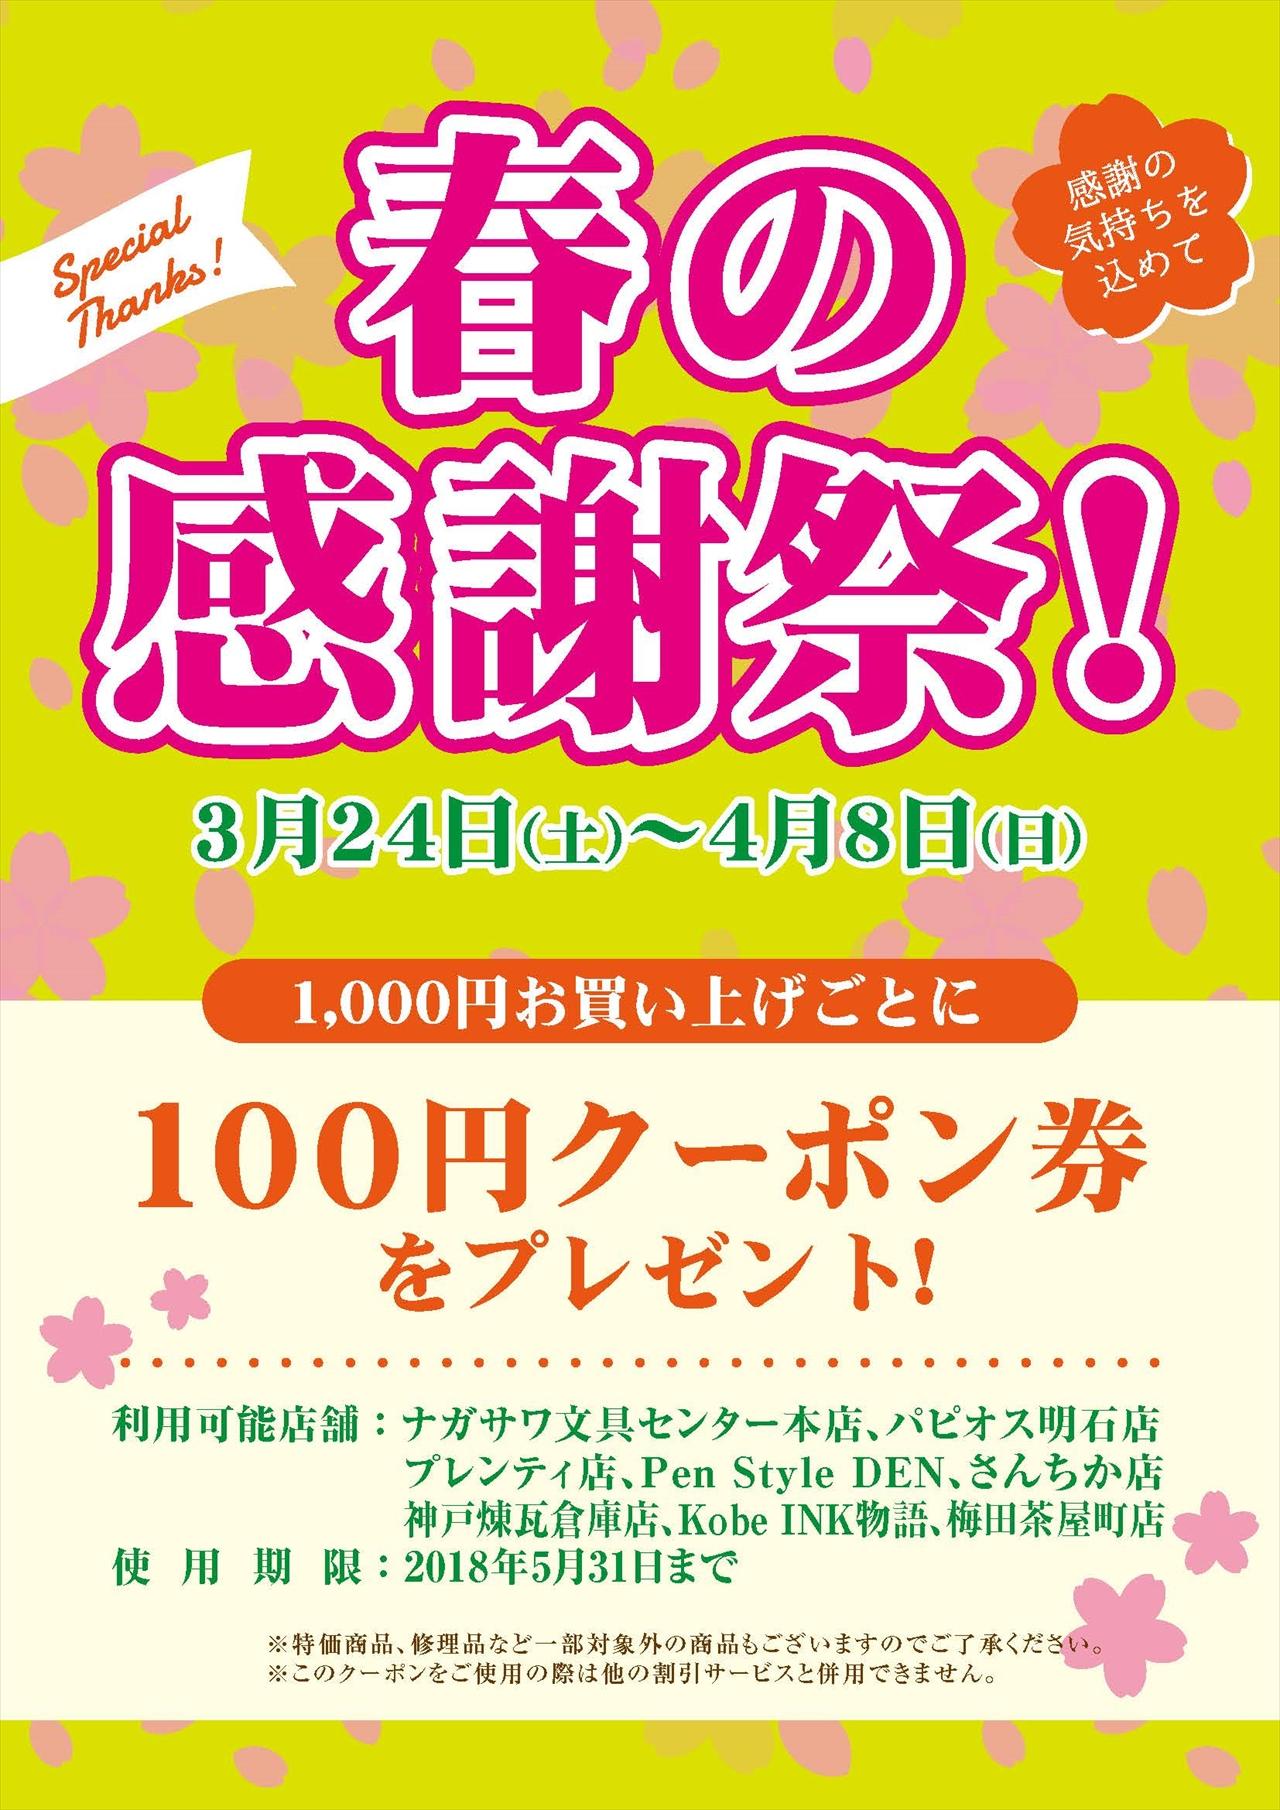 1000円お買い上げごとに100円クーポンプレゼント!